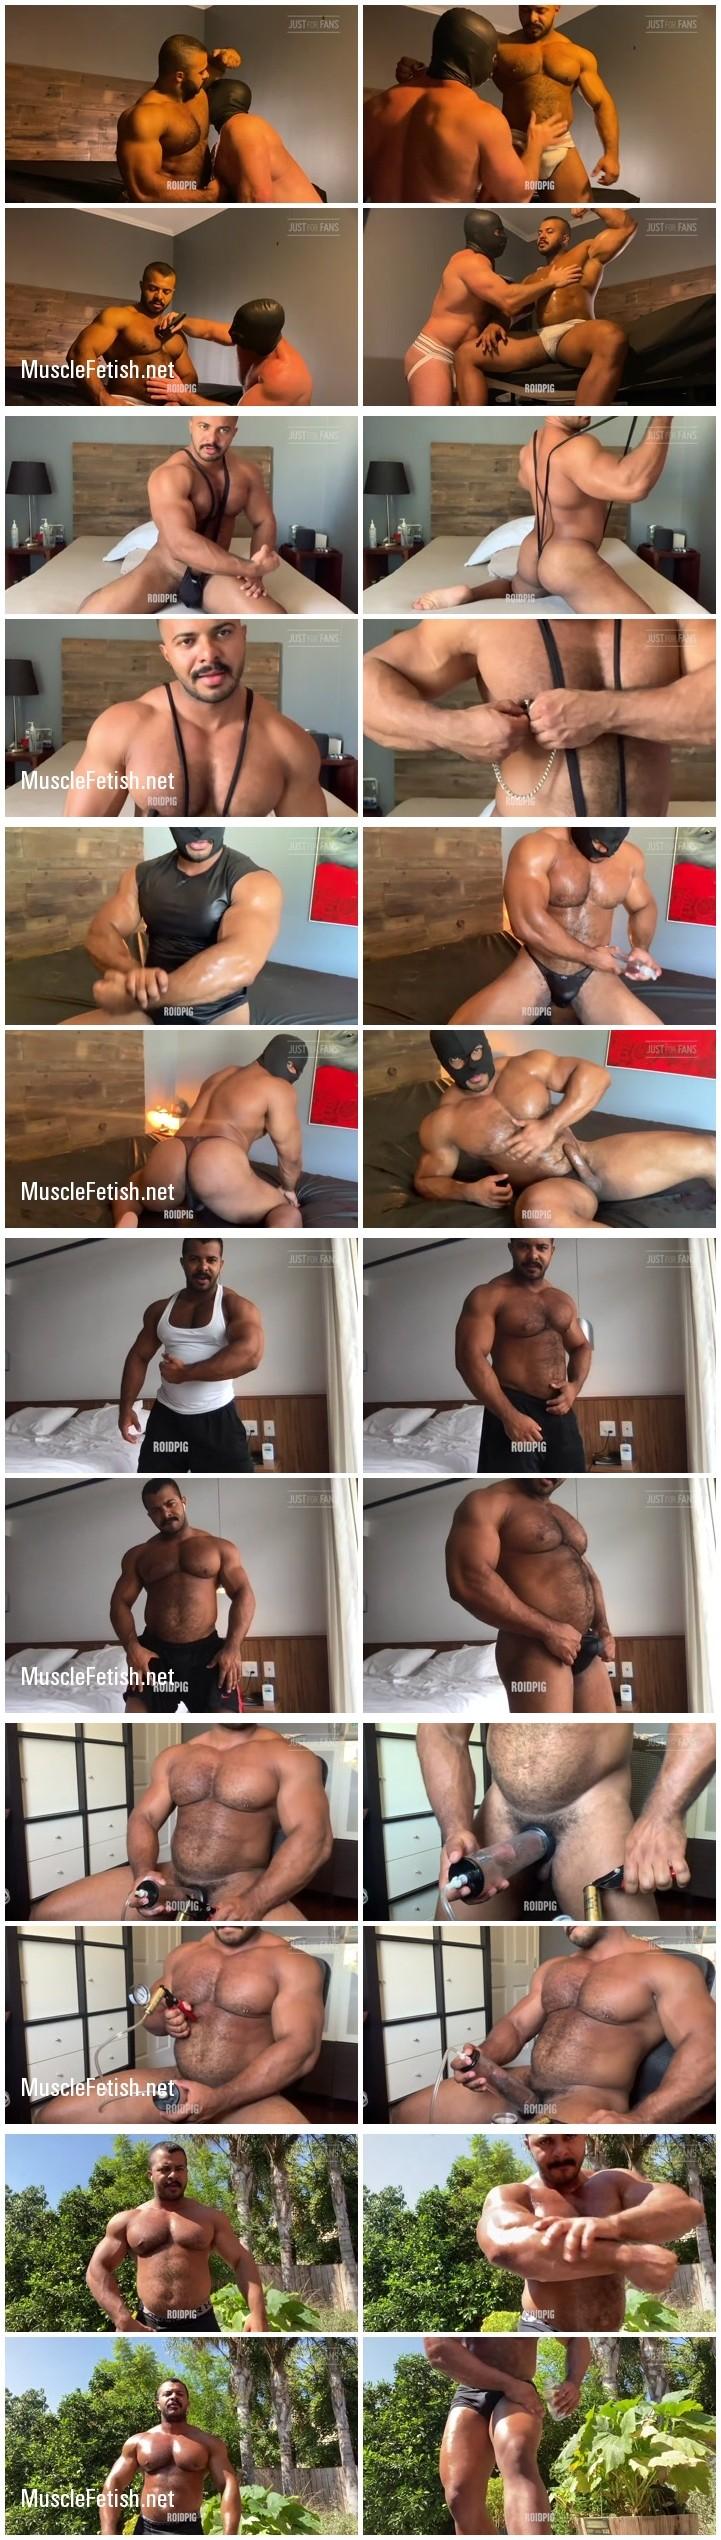 Brazilian bodybuilder Roid Pig - onlyfans